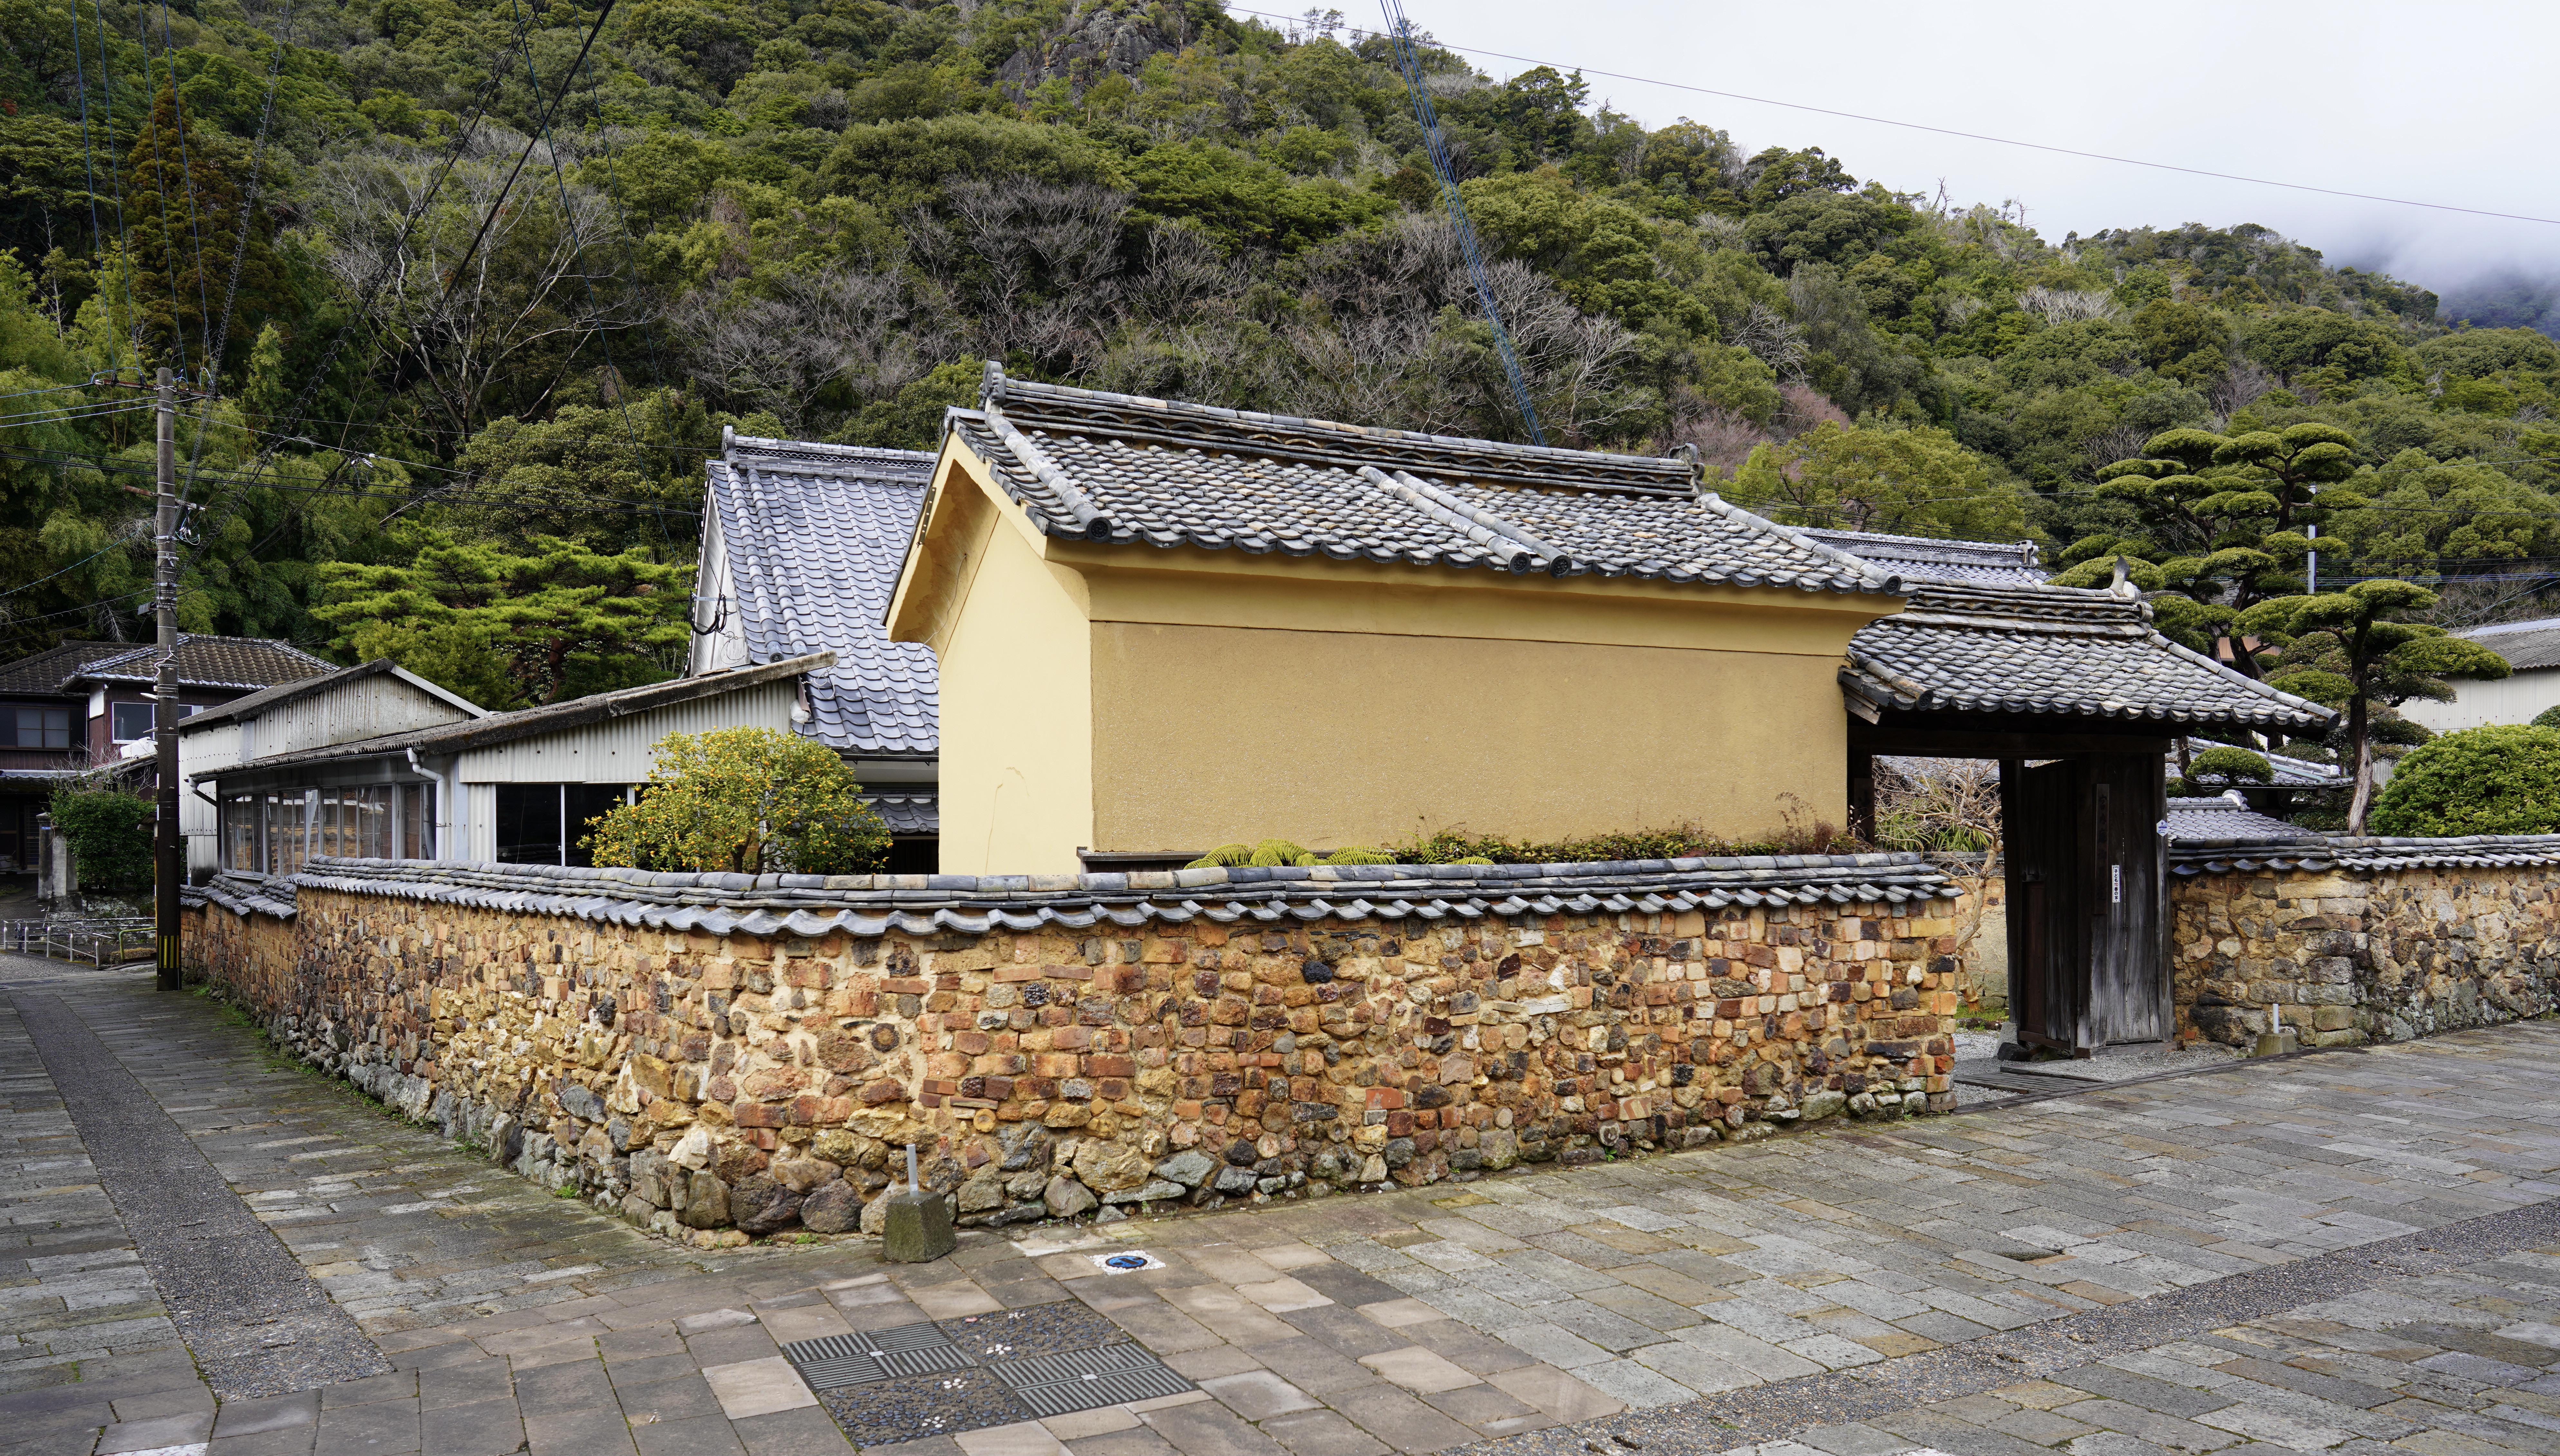 Arita's unique Tombai walls